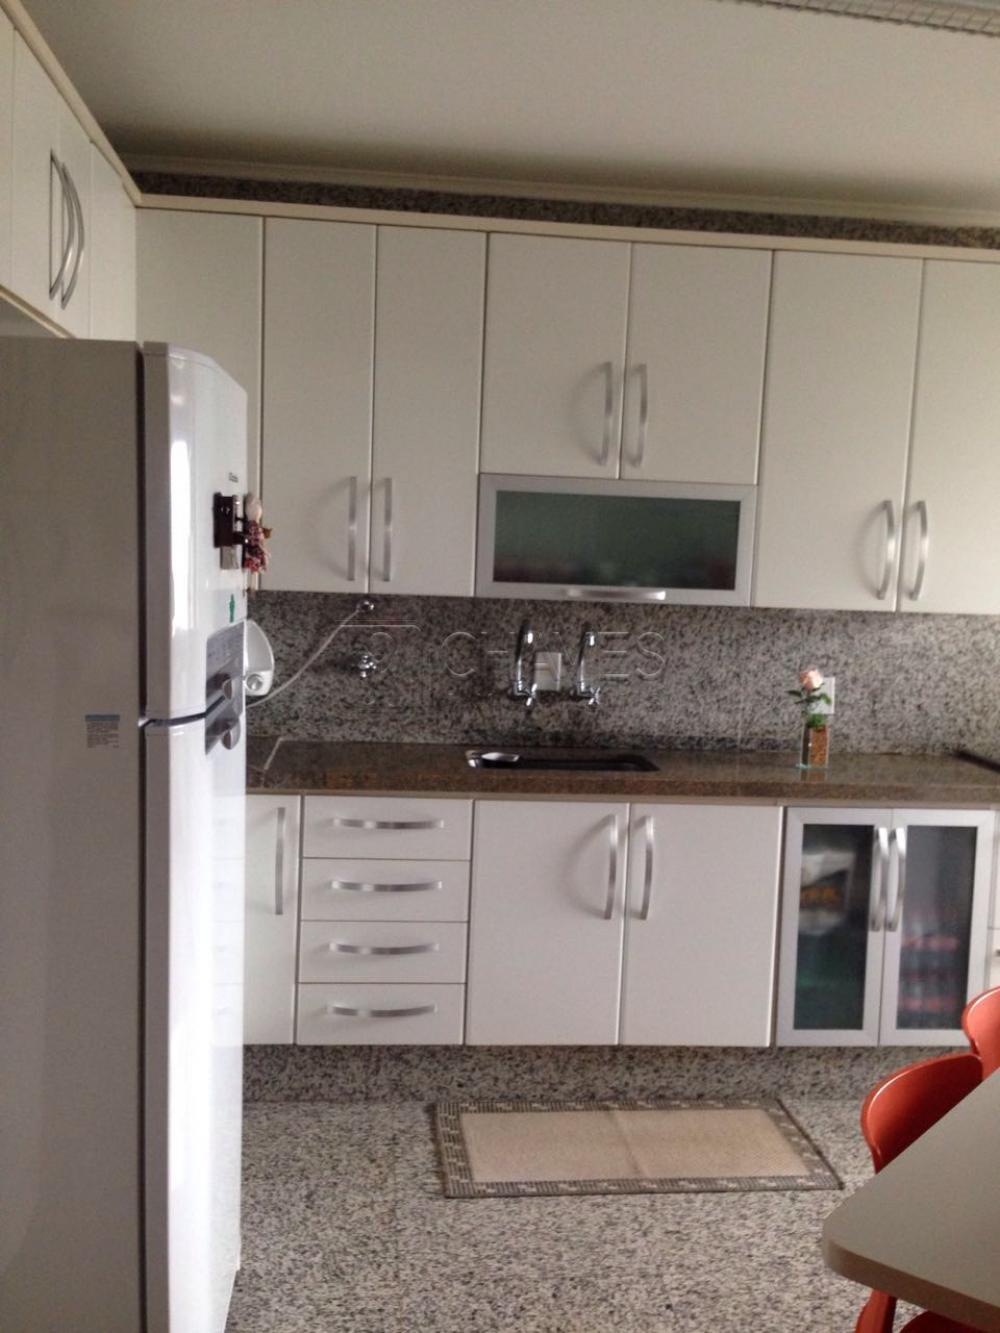 Comprar Apartamento / Padrão em Ribeirão Preto apenas R$ 415.000,00 - Foto 10